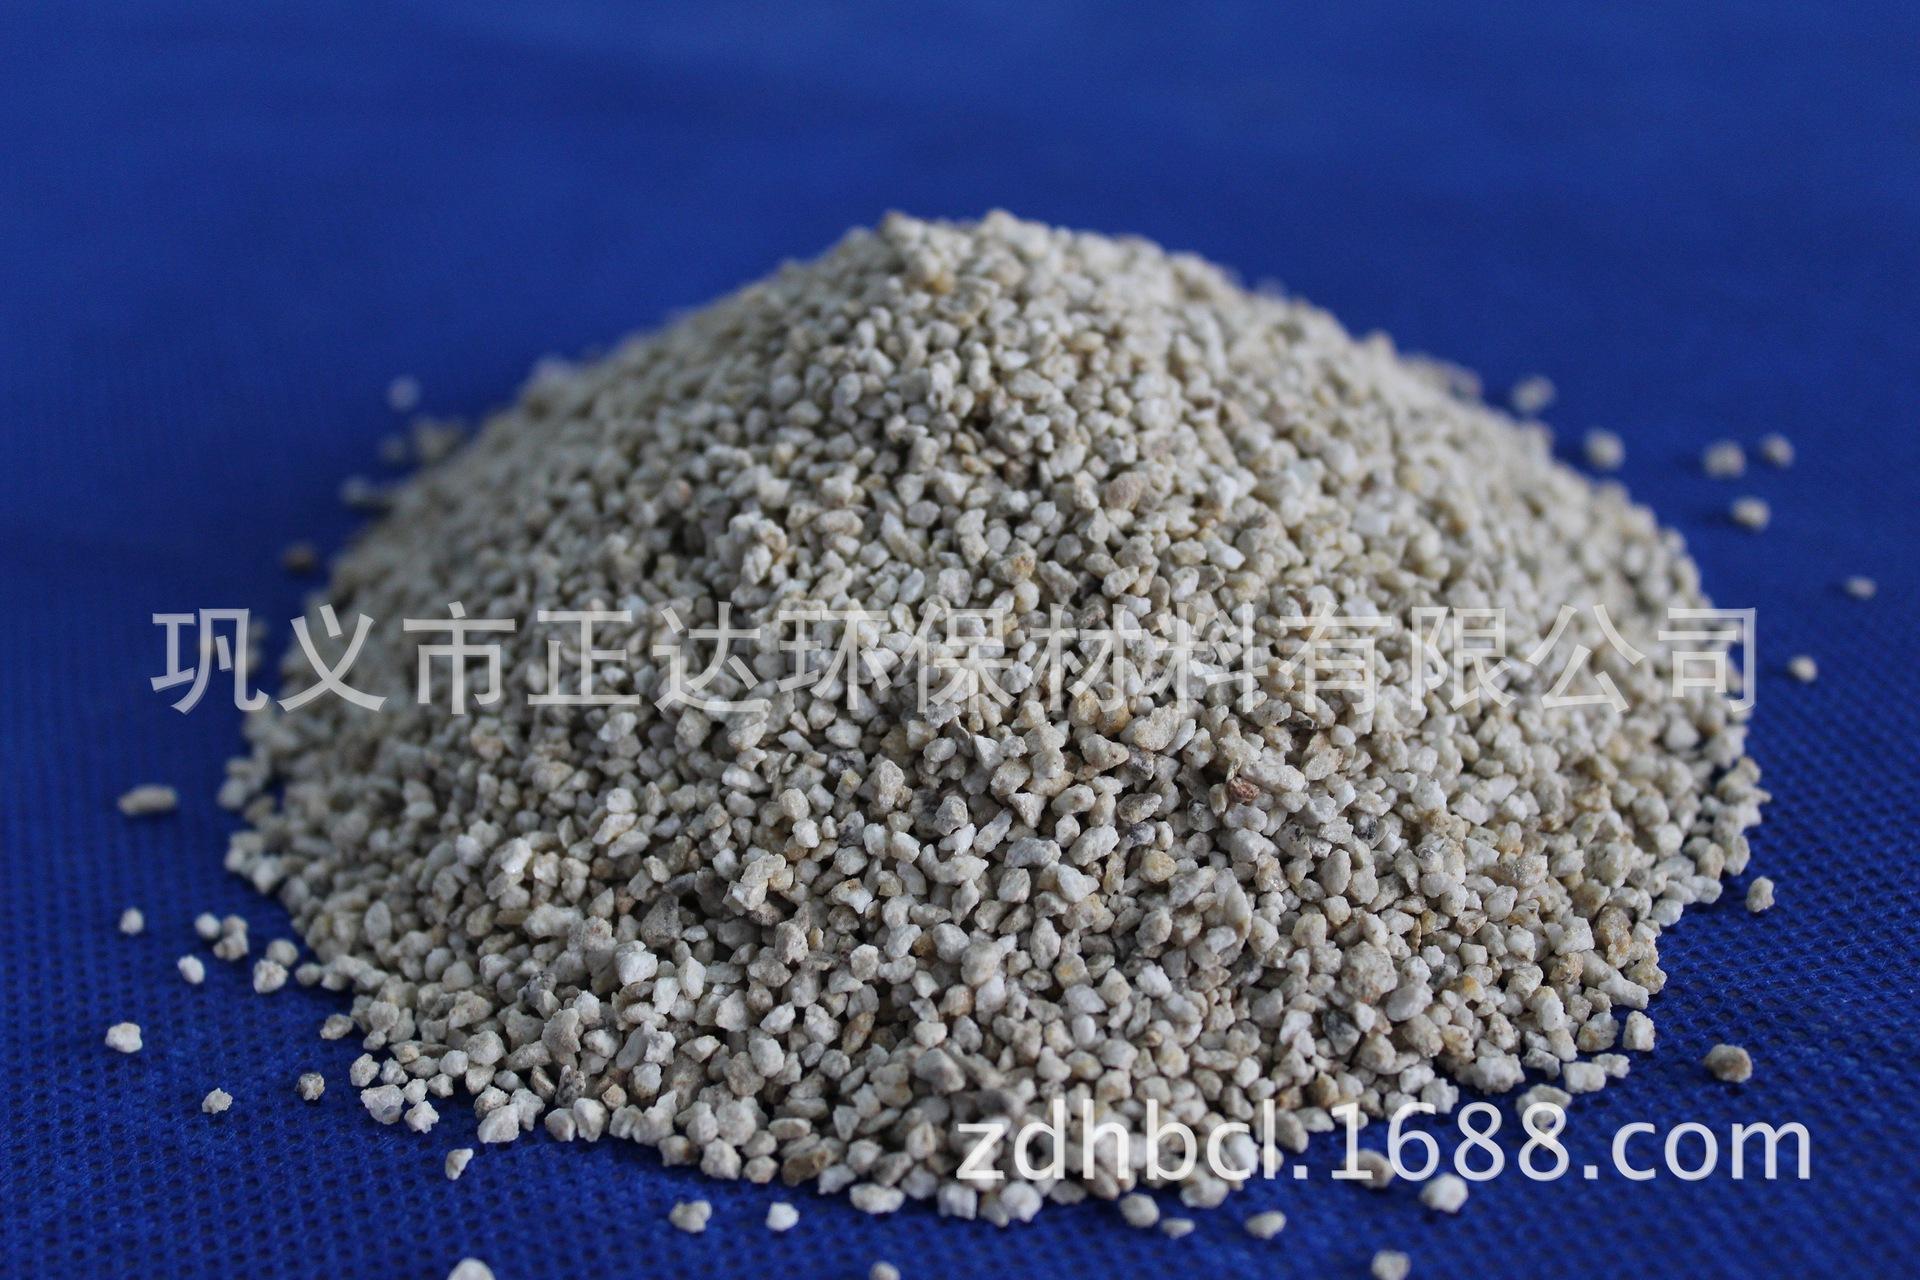 厂家直销保健枕 多肉养殖 水过滤用各种规格麦饭石